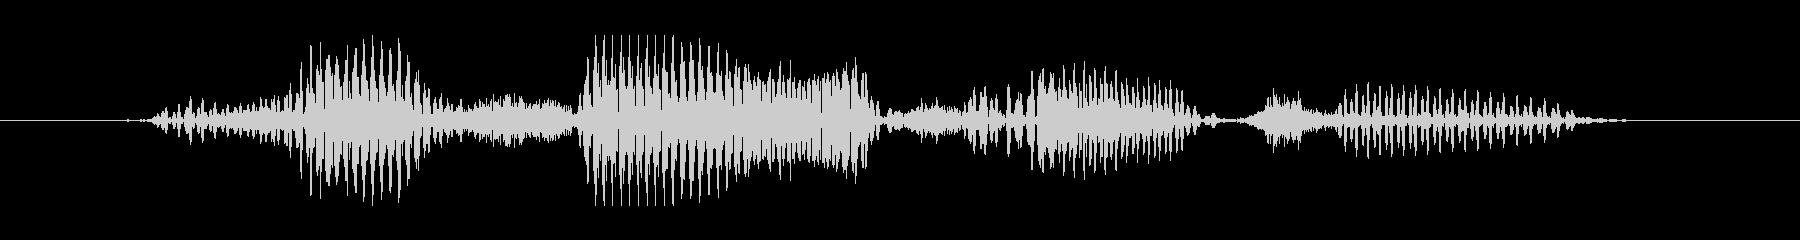 1 絶賛発売中  渋い声 の未再生の波形